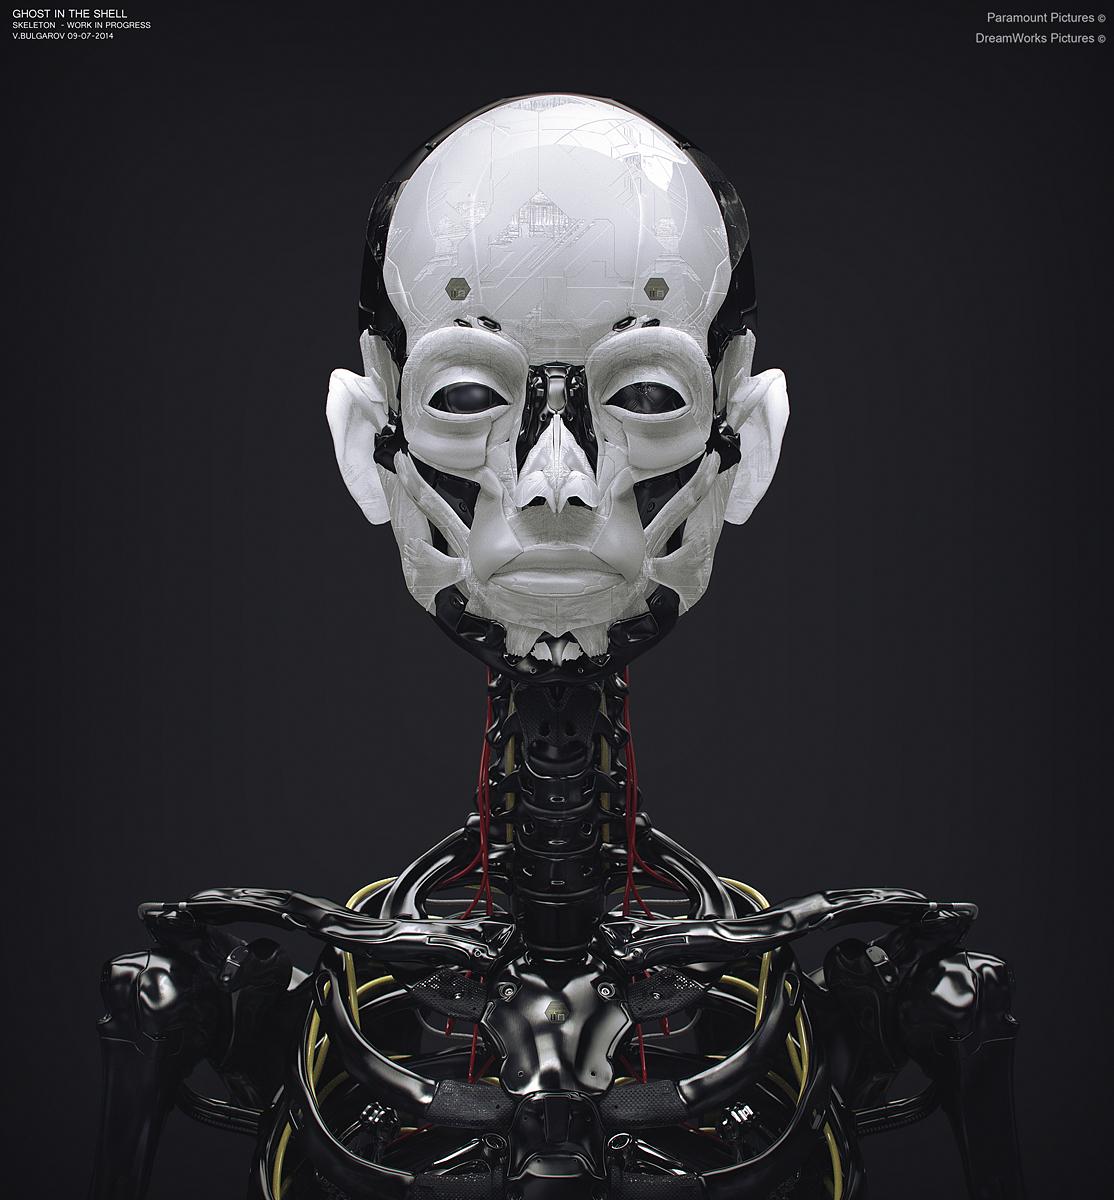 Ghost_SkeletonWork_09-07-2014_02.jpg